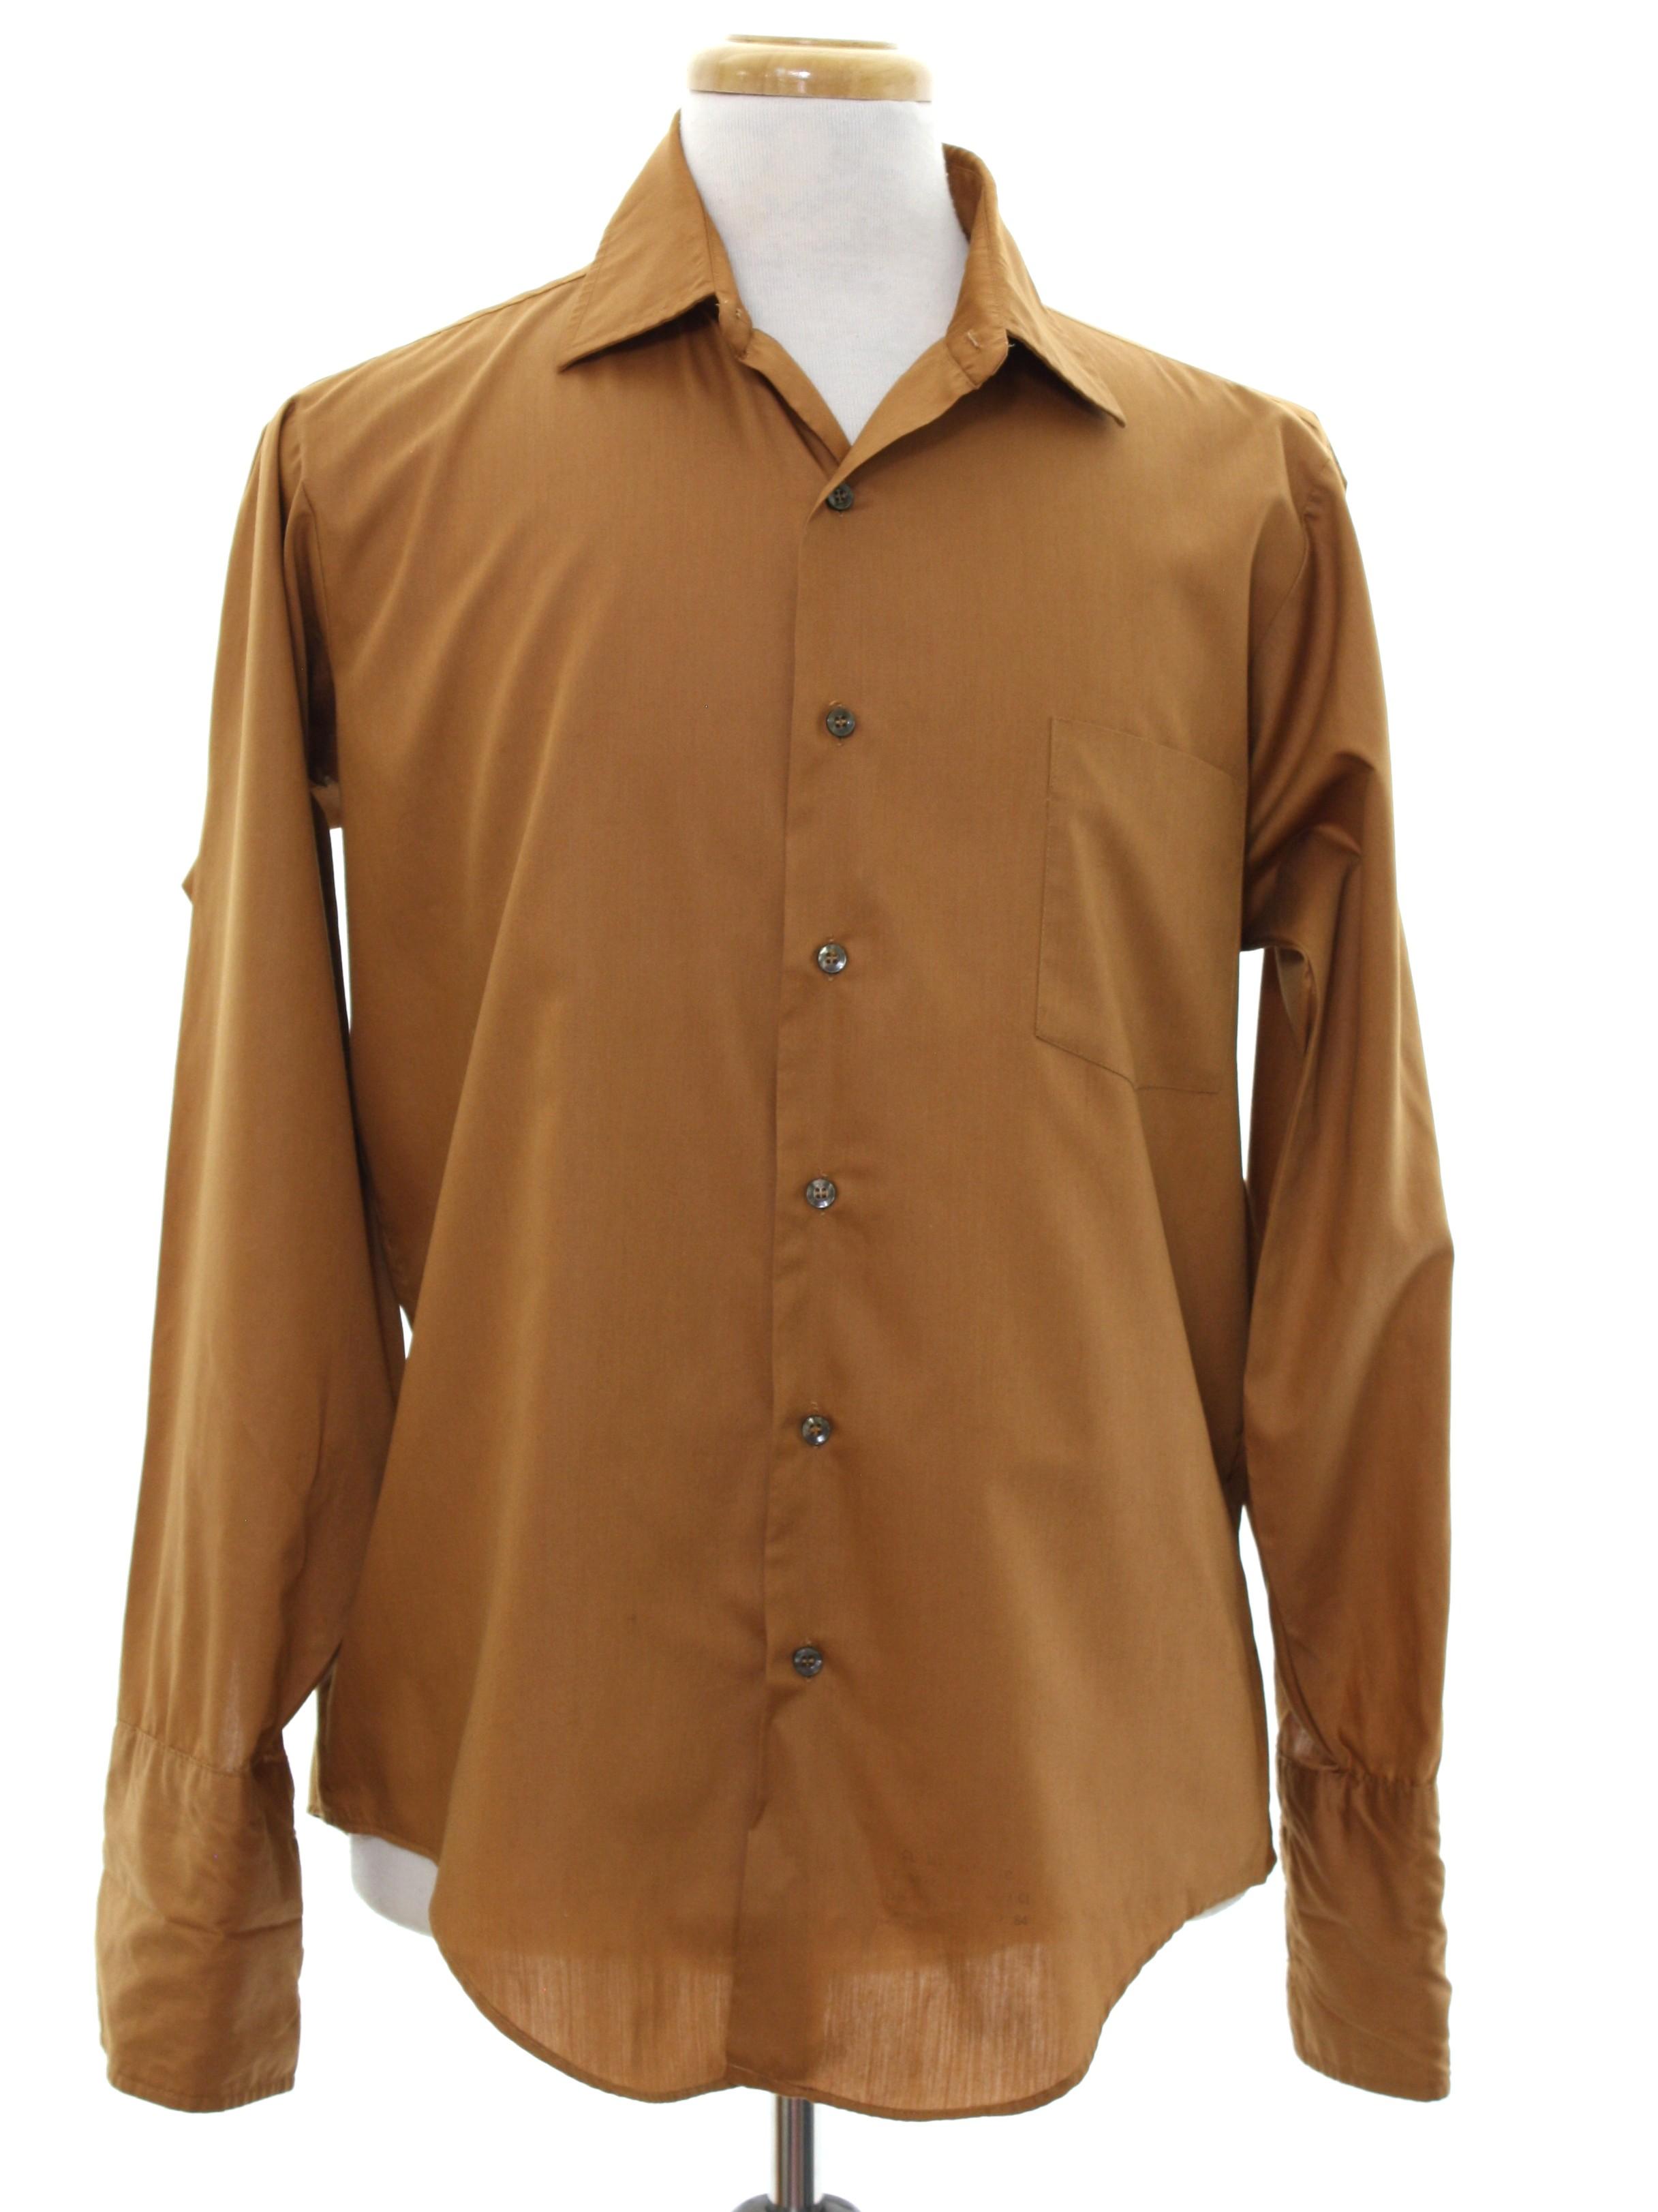 1960's Manhattan Custom Limited Mens Mod French Cuff Shirt